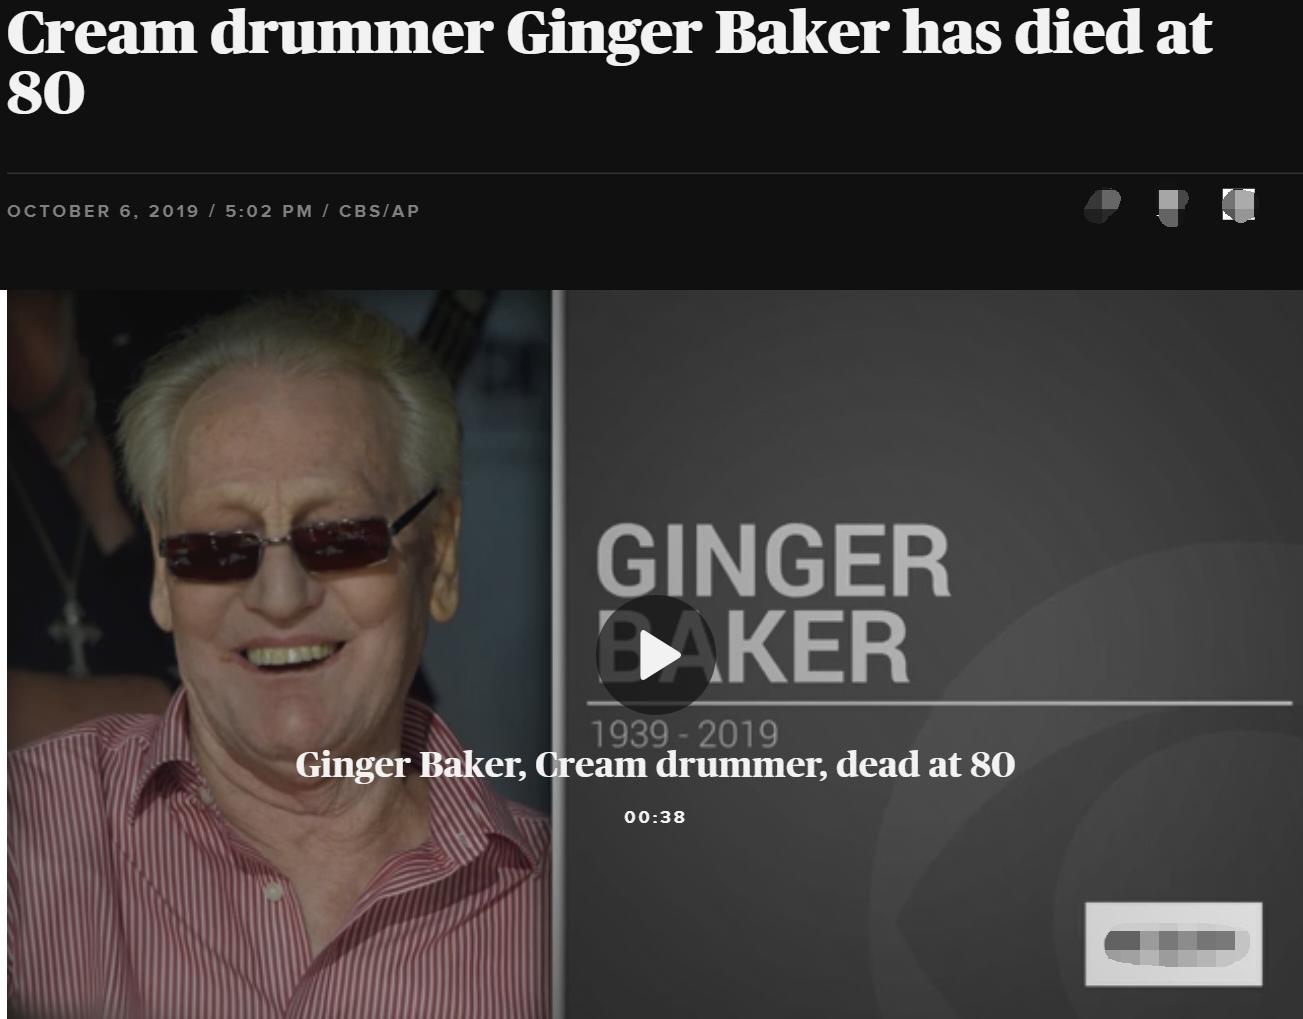 英国摇滚巨星患重病去世,享年80岁,生前与毒瘾搏斗戒毒29次